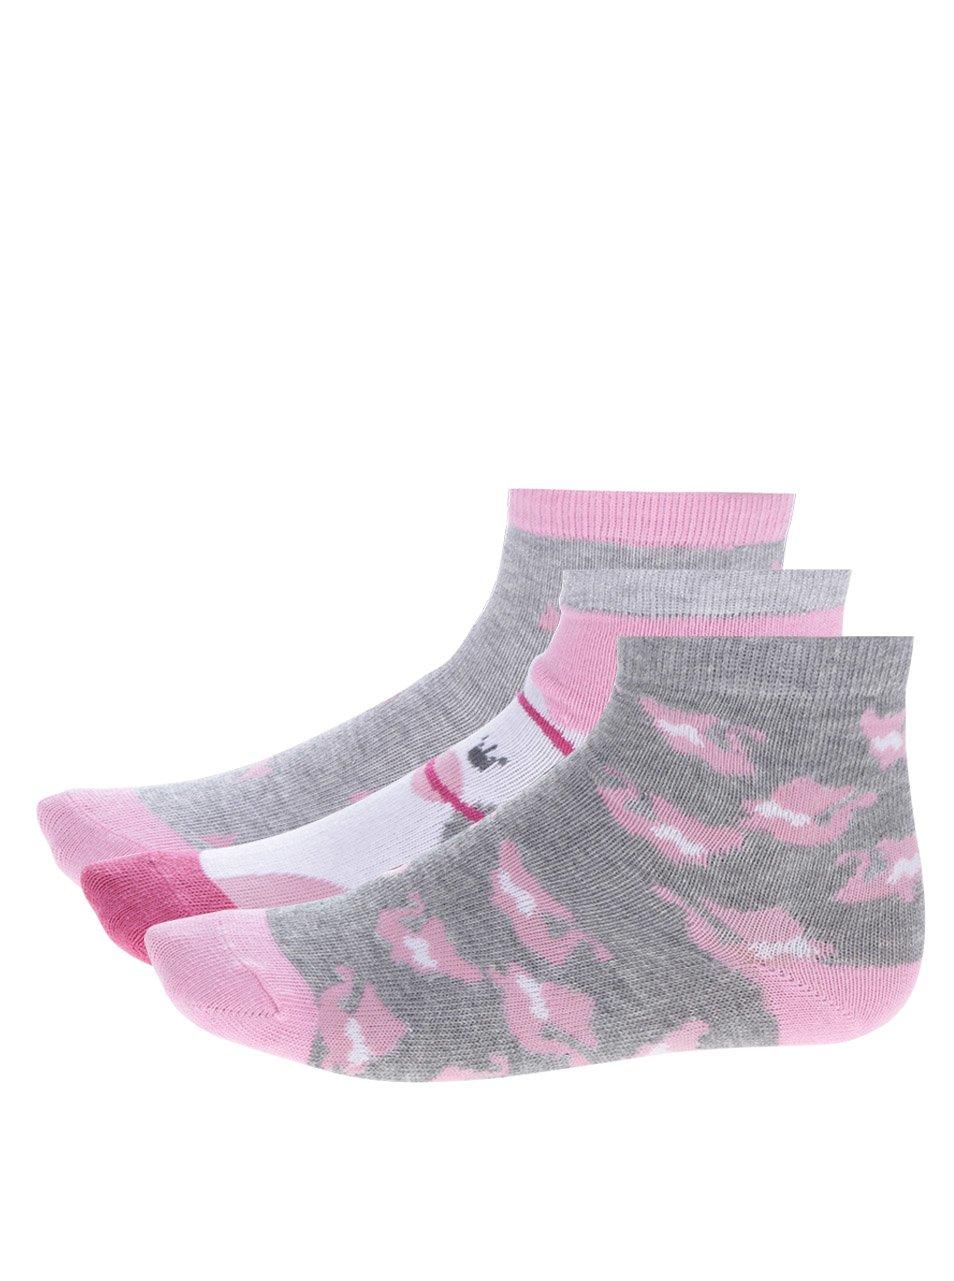 Fotografie Sada tří párů holčičích vzorovaných ponožek v šedé a růžové barvě 5.10.15.